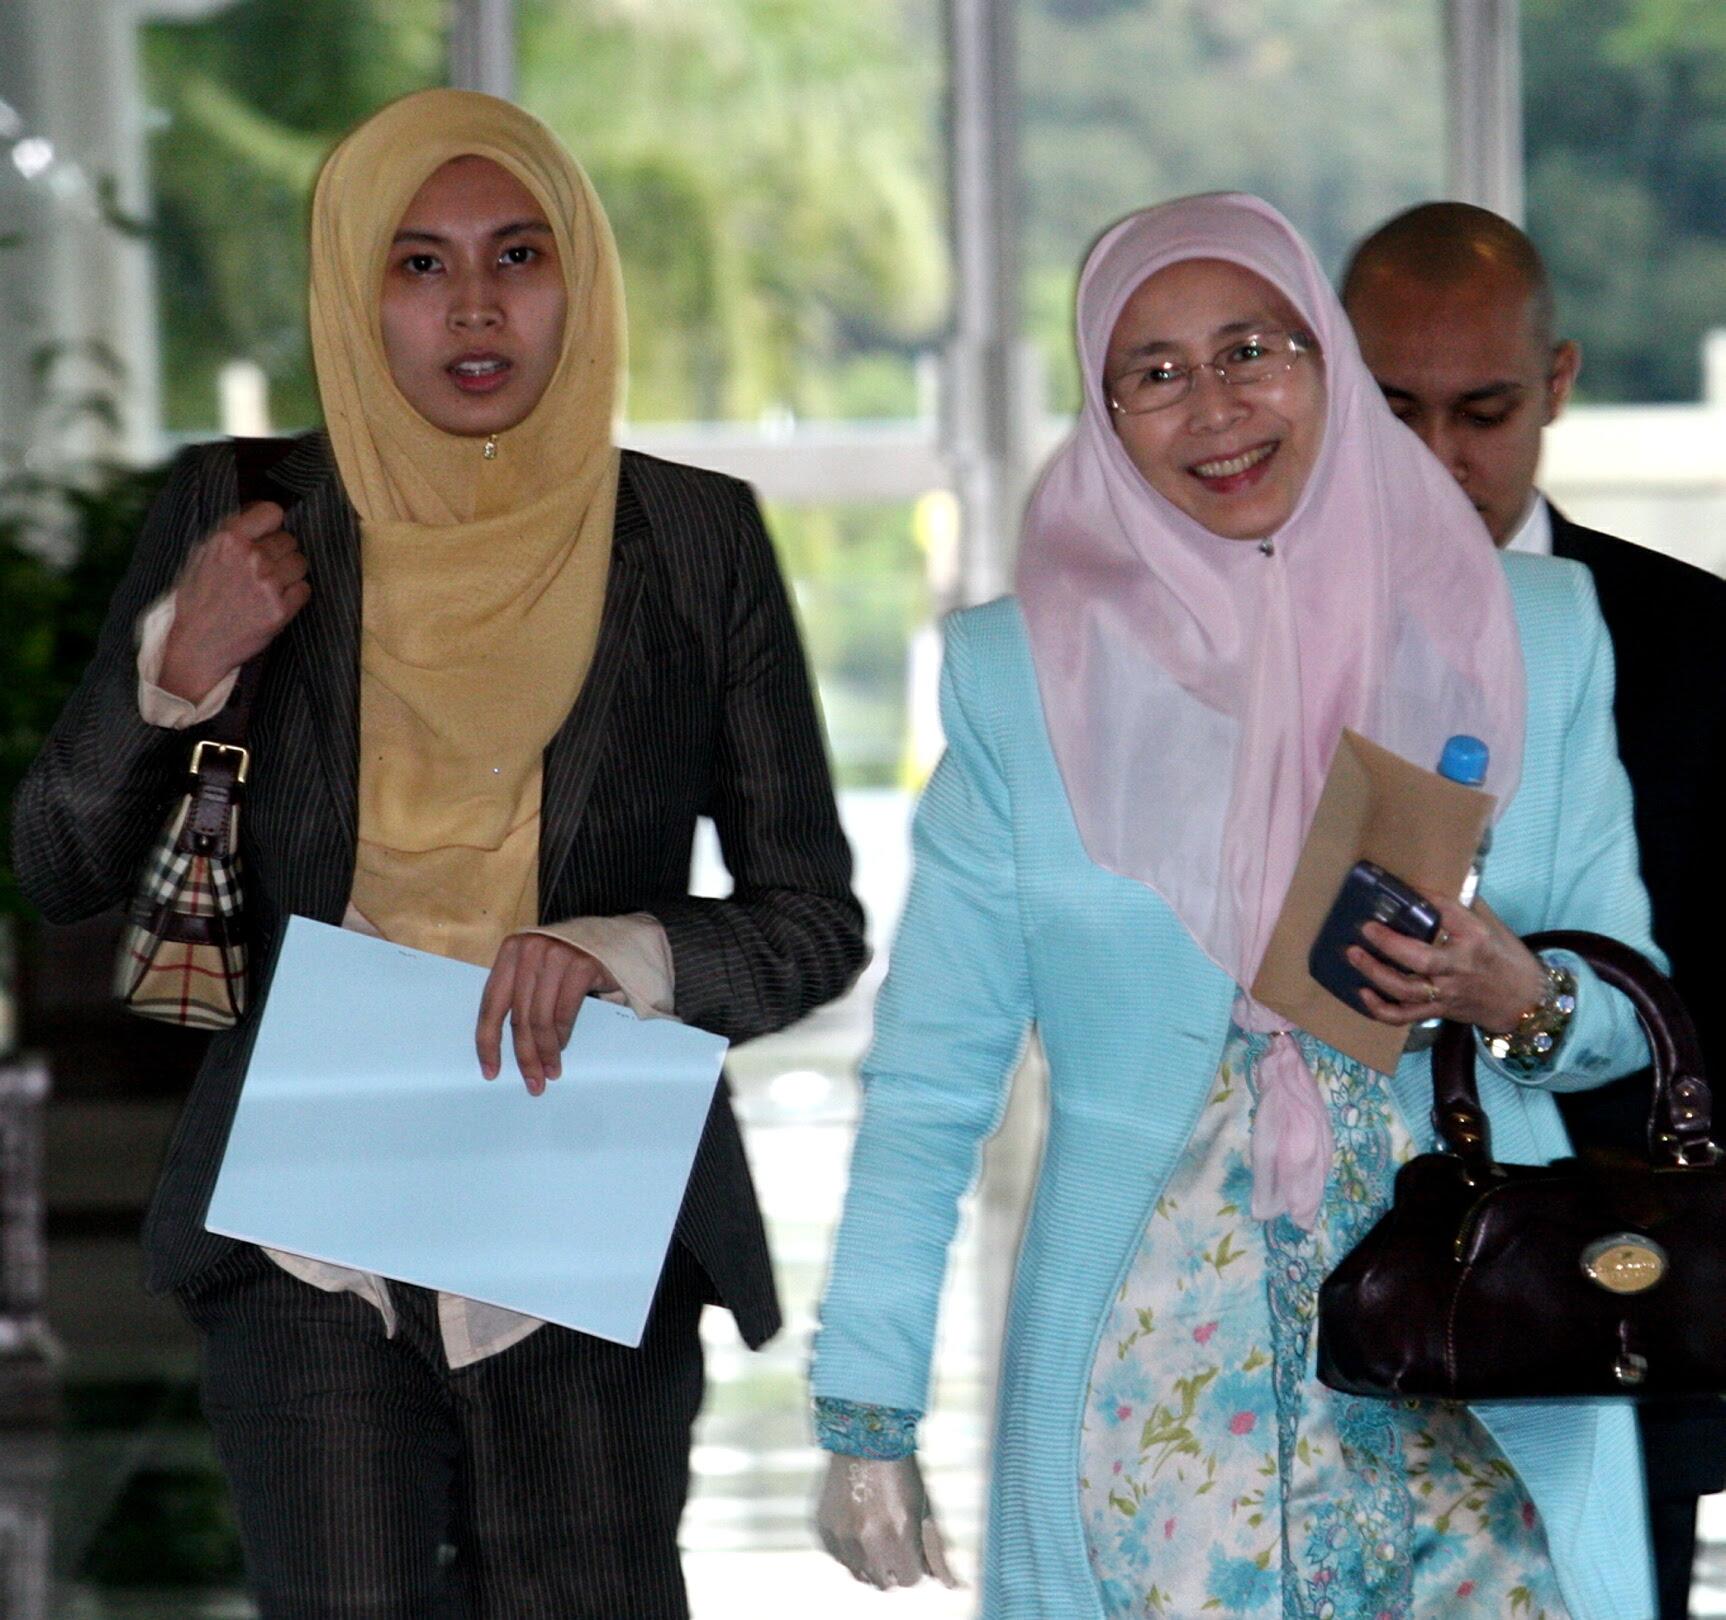 http://audie61.files.wordpress.com/2008/07/wanazizahparliament.jpg